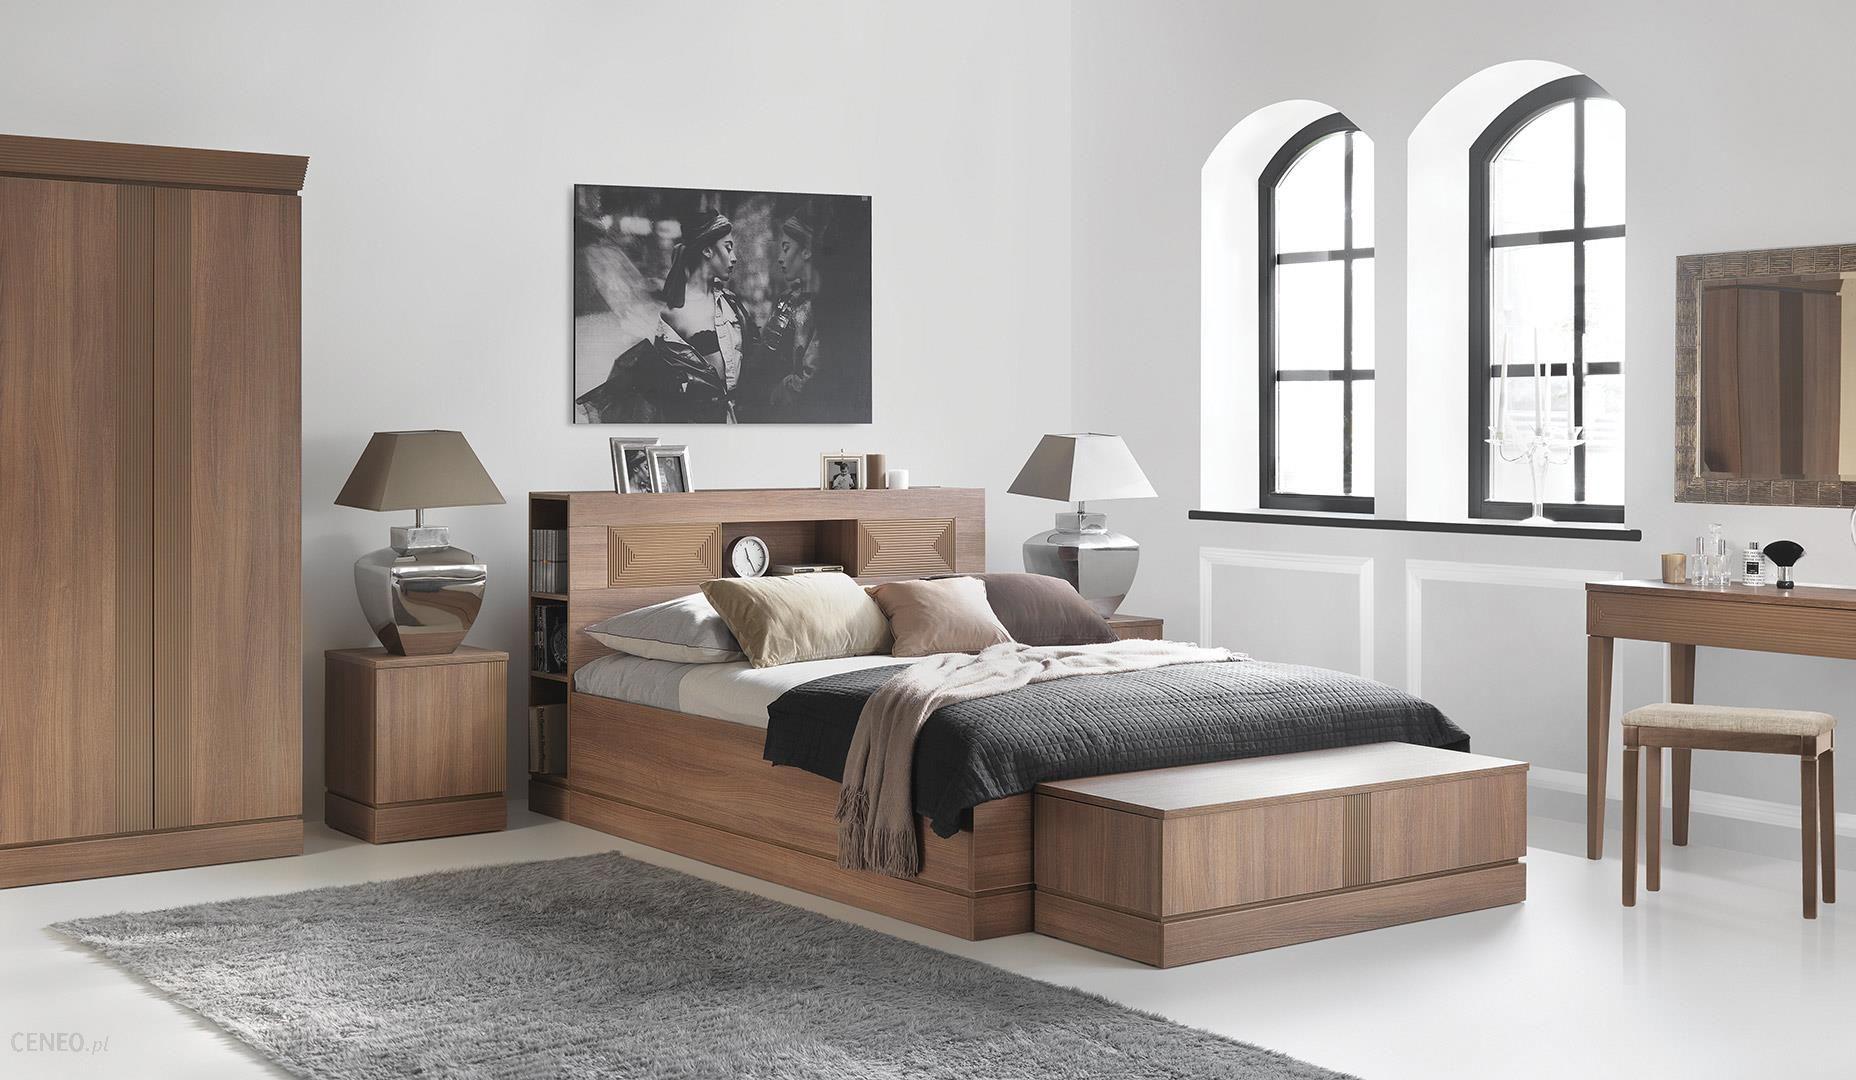 Meble Vox Classic łóżko 2 Osobowe Ze Szczytem Z Półkami